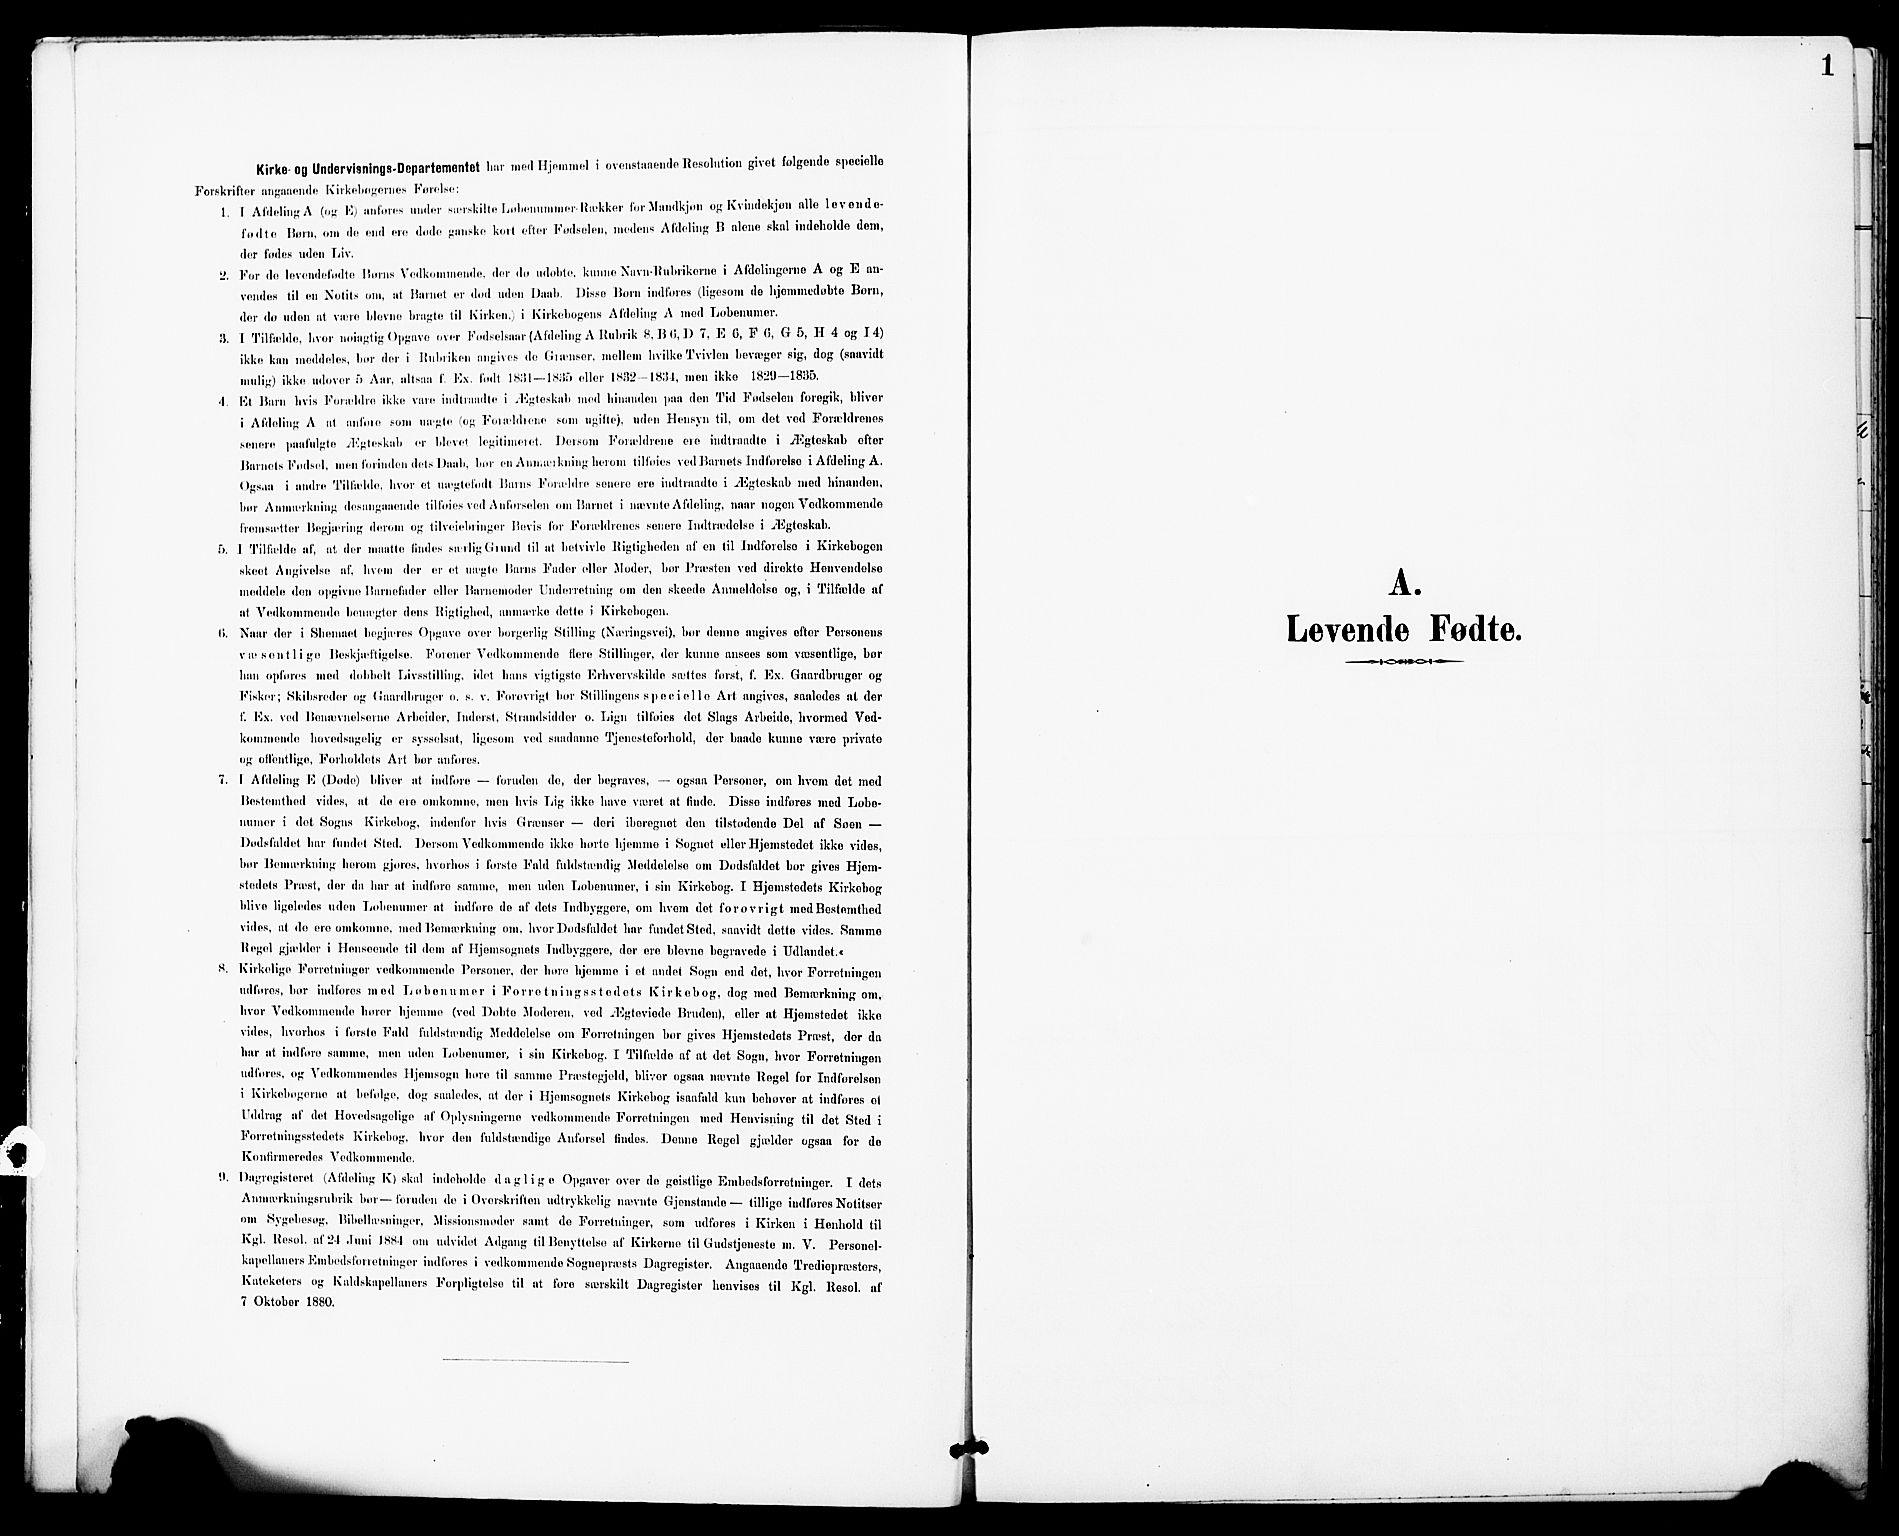 SAT, Ministerialprotokoller, klokkerbøker og fødselsregistre - Sør-Trøndelag, 683/L0948: Ministerialbok nr. 683A01, 1891-1902, s. 1